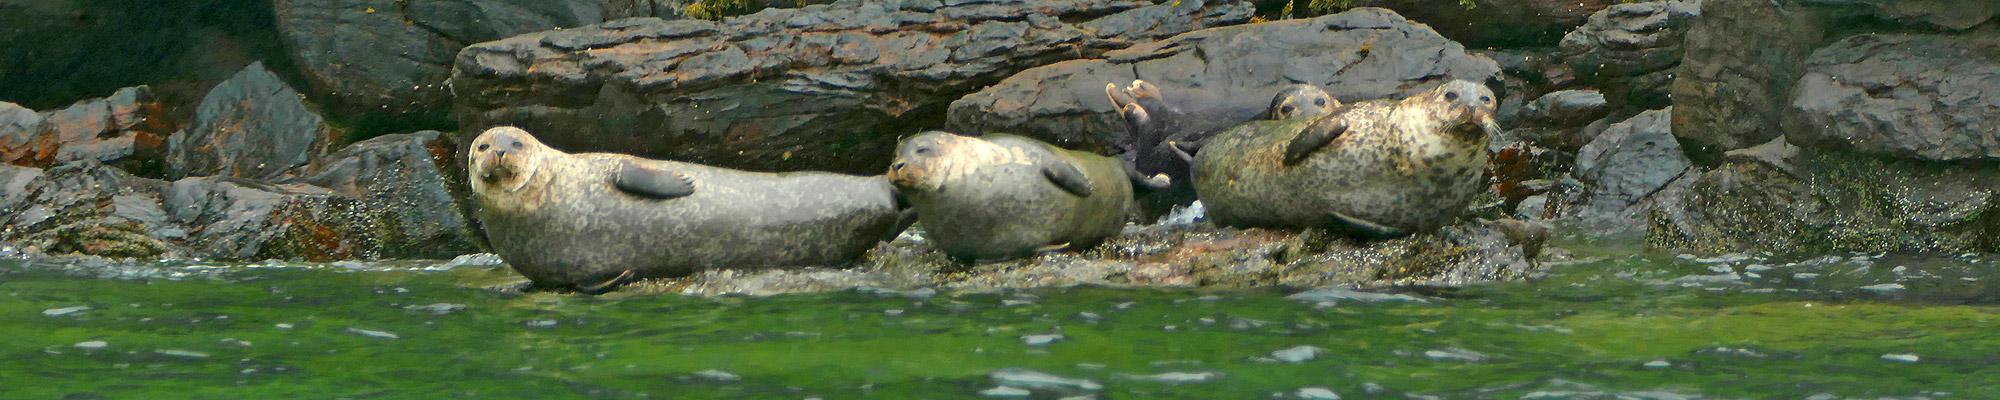 Schottland-Seehunde